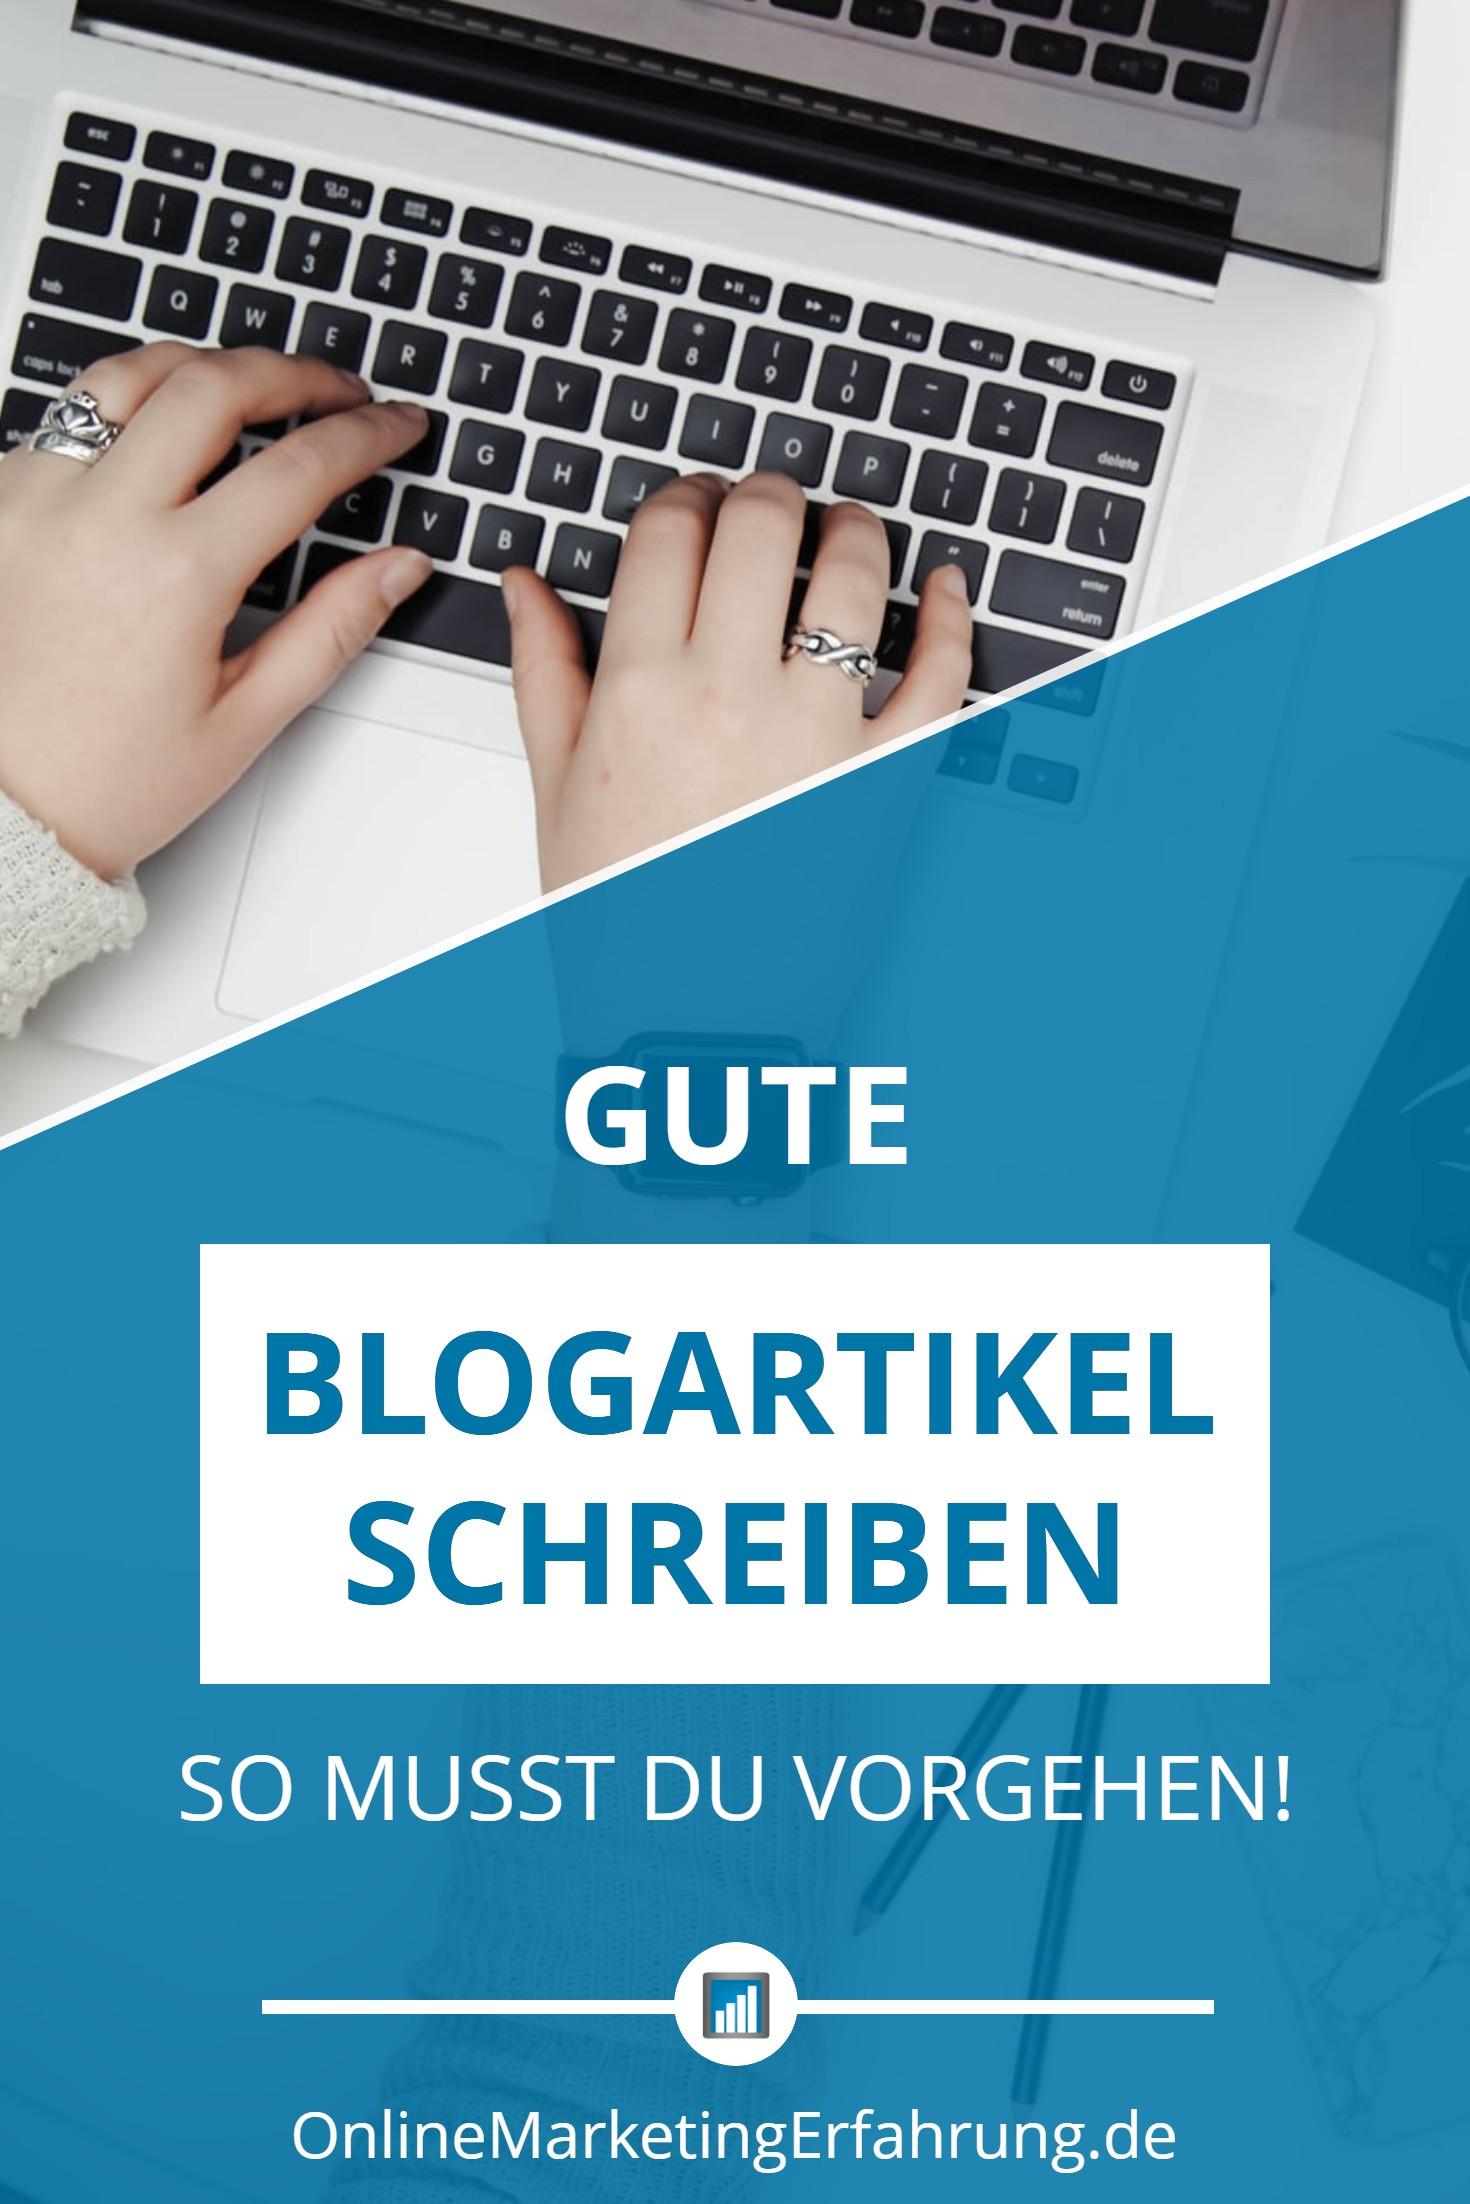 Gute Blog Artikel schreiben